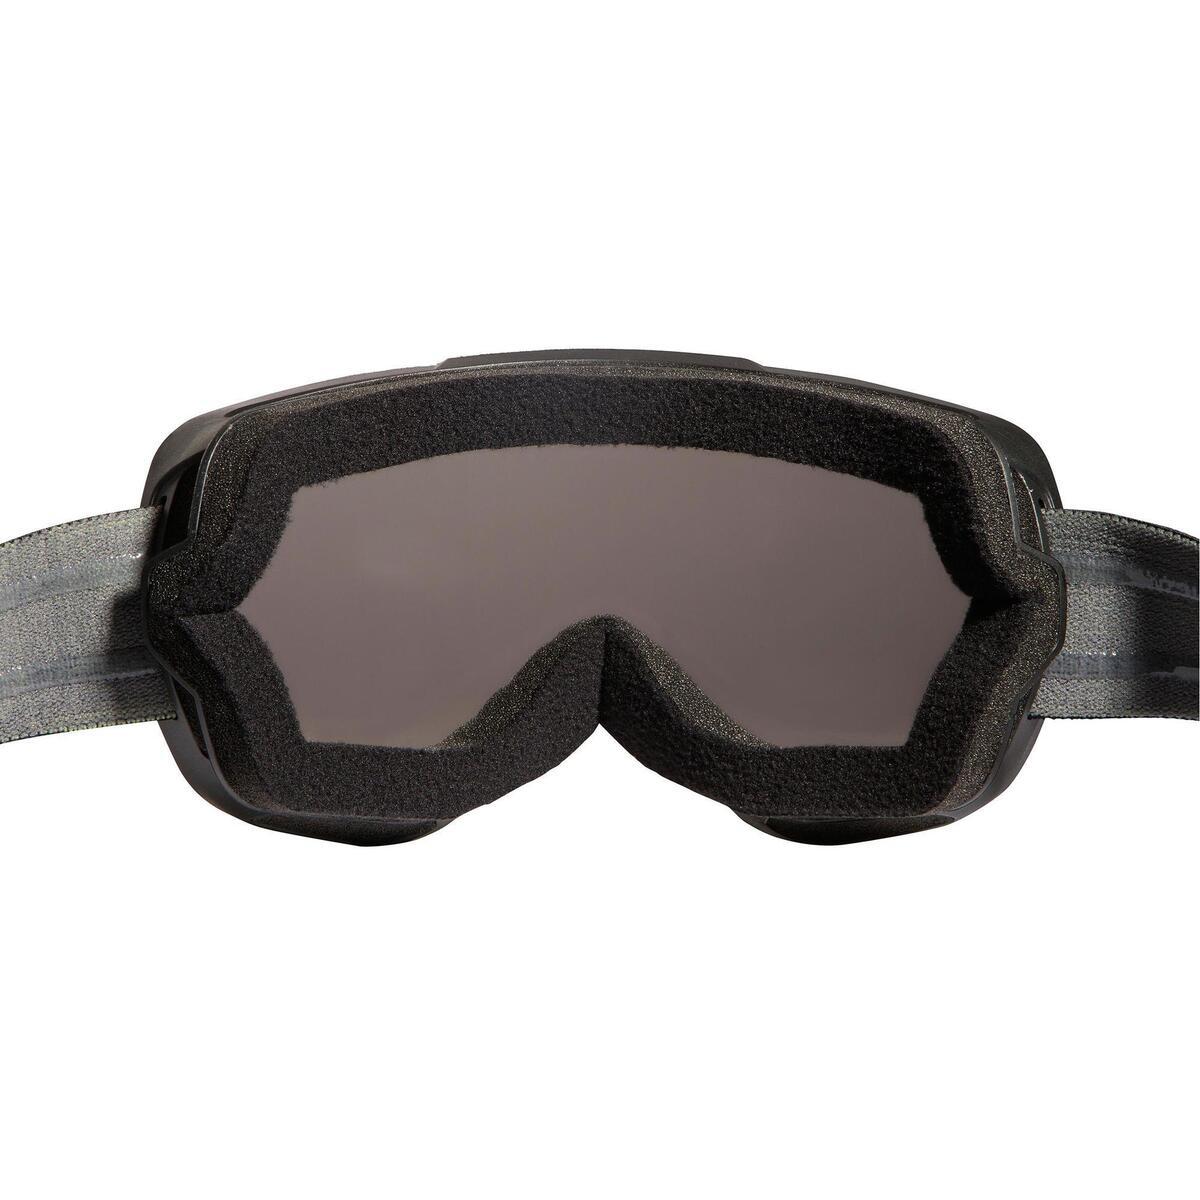 Bild 5 von Ski / Snowboardbrille G 500 S3 Erwachsene/Kinder Schönwetter schwarz